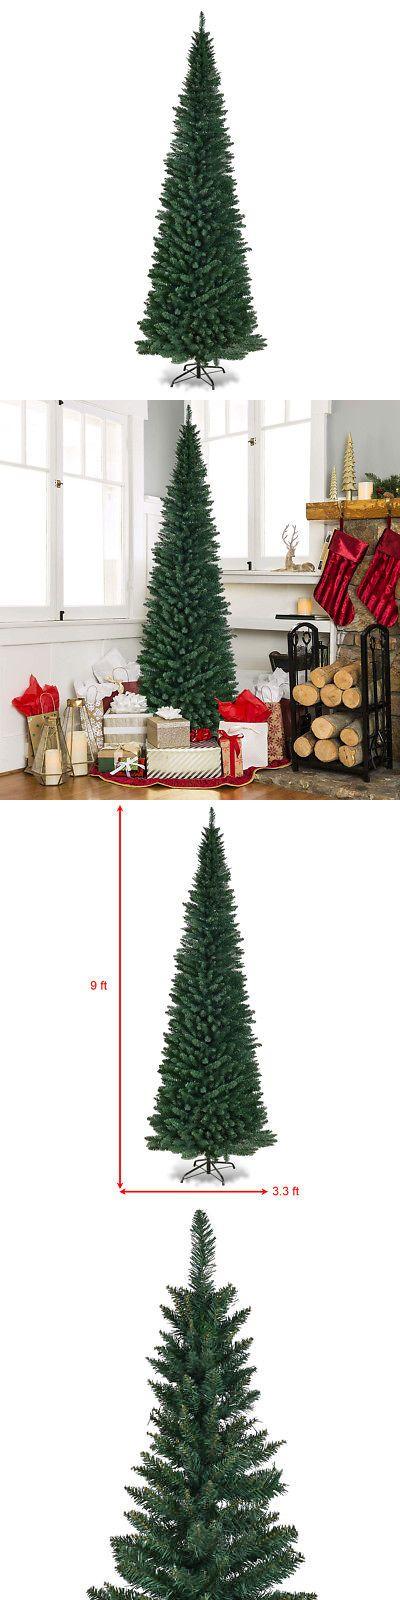 Nun Dass Ein Weihnachtsbaum Weihnachtsbaum Purple Christmas Tree Decorations Purple Christmas Tree Purple Christmas